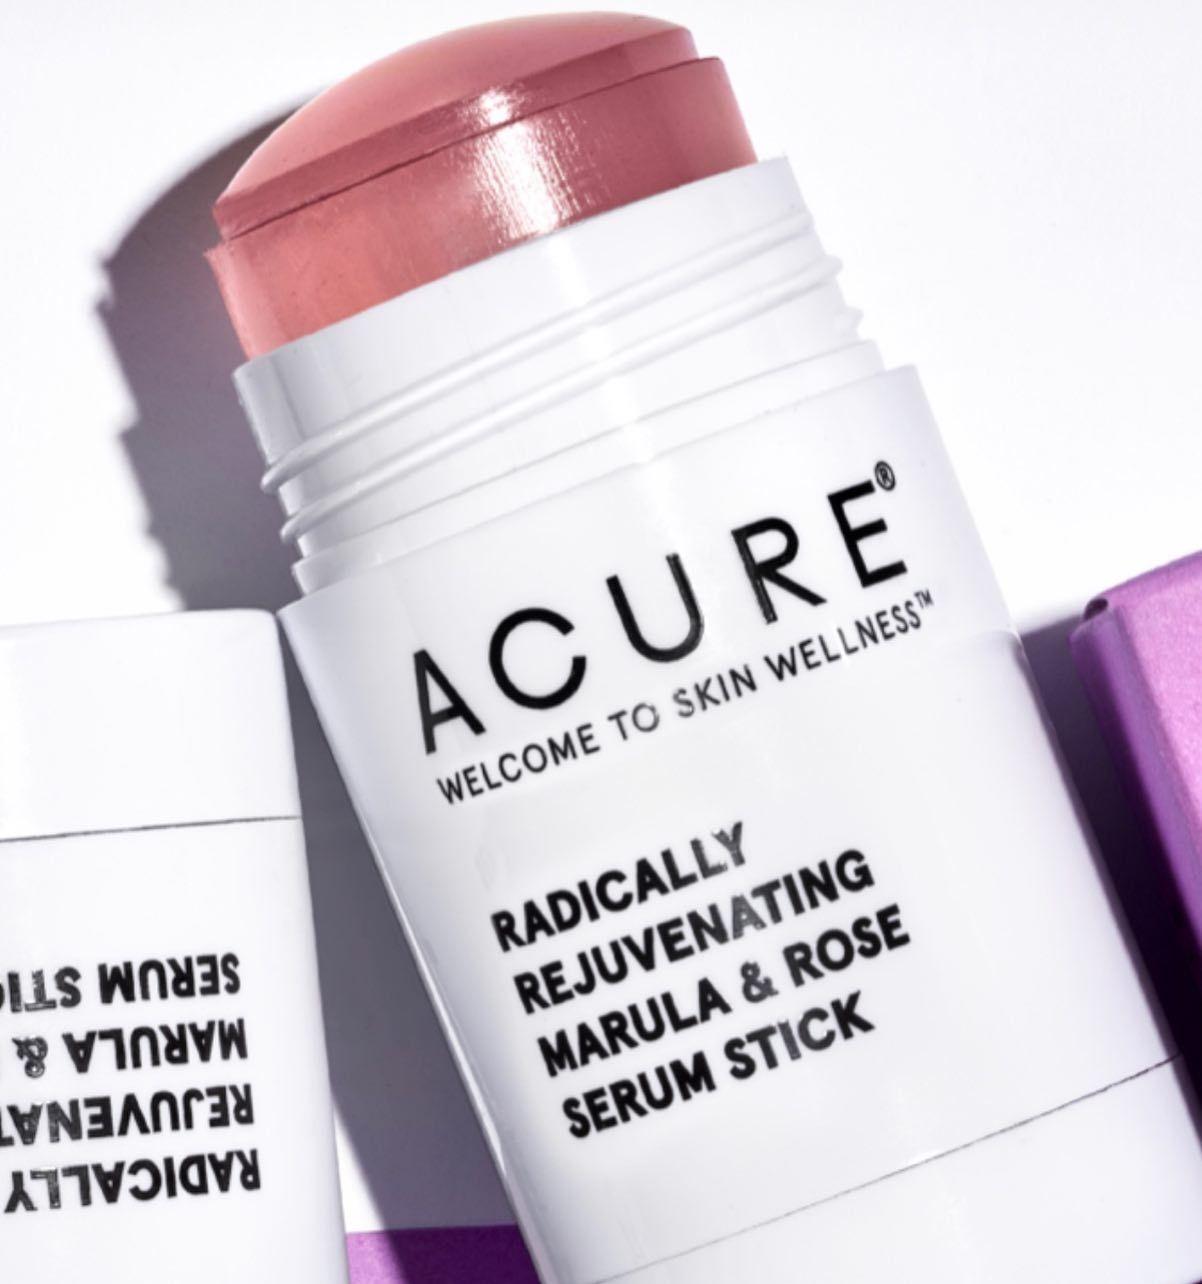 Radically Rejuvenating Serum Stick In 2020